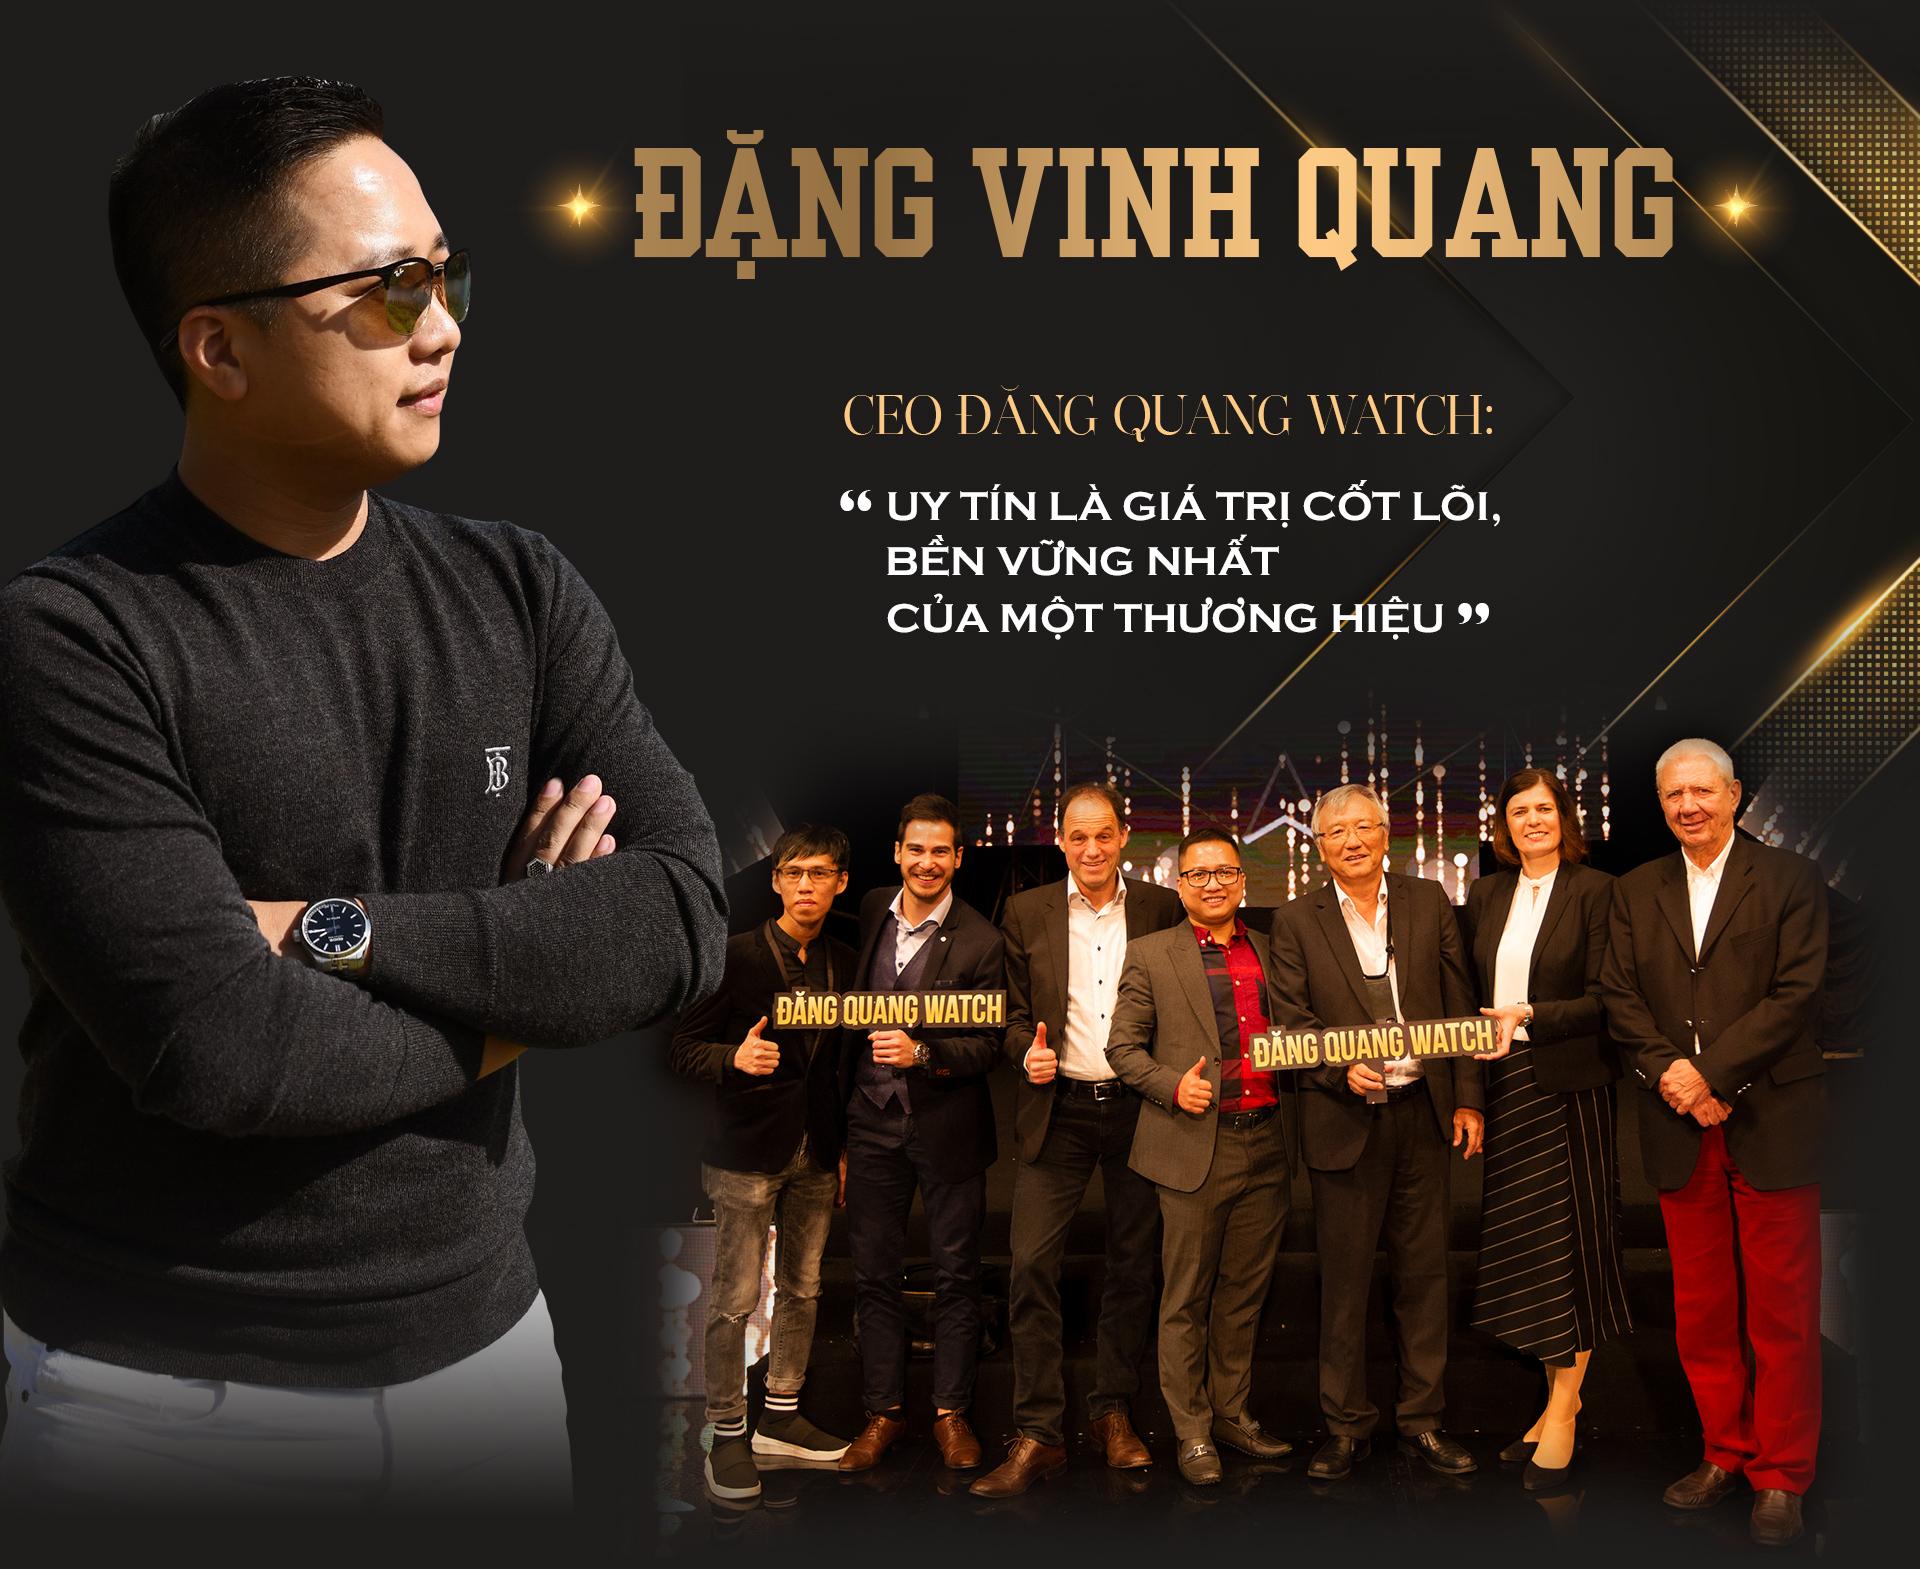 """Đặng Vinh Quang – CEO Đăng Quang Watch: """"Uy tín là giá trị cốt lõi, bền vững nhất của một thương hiệu"""" - 1"""